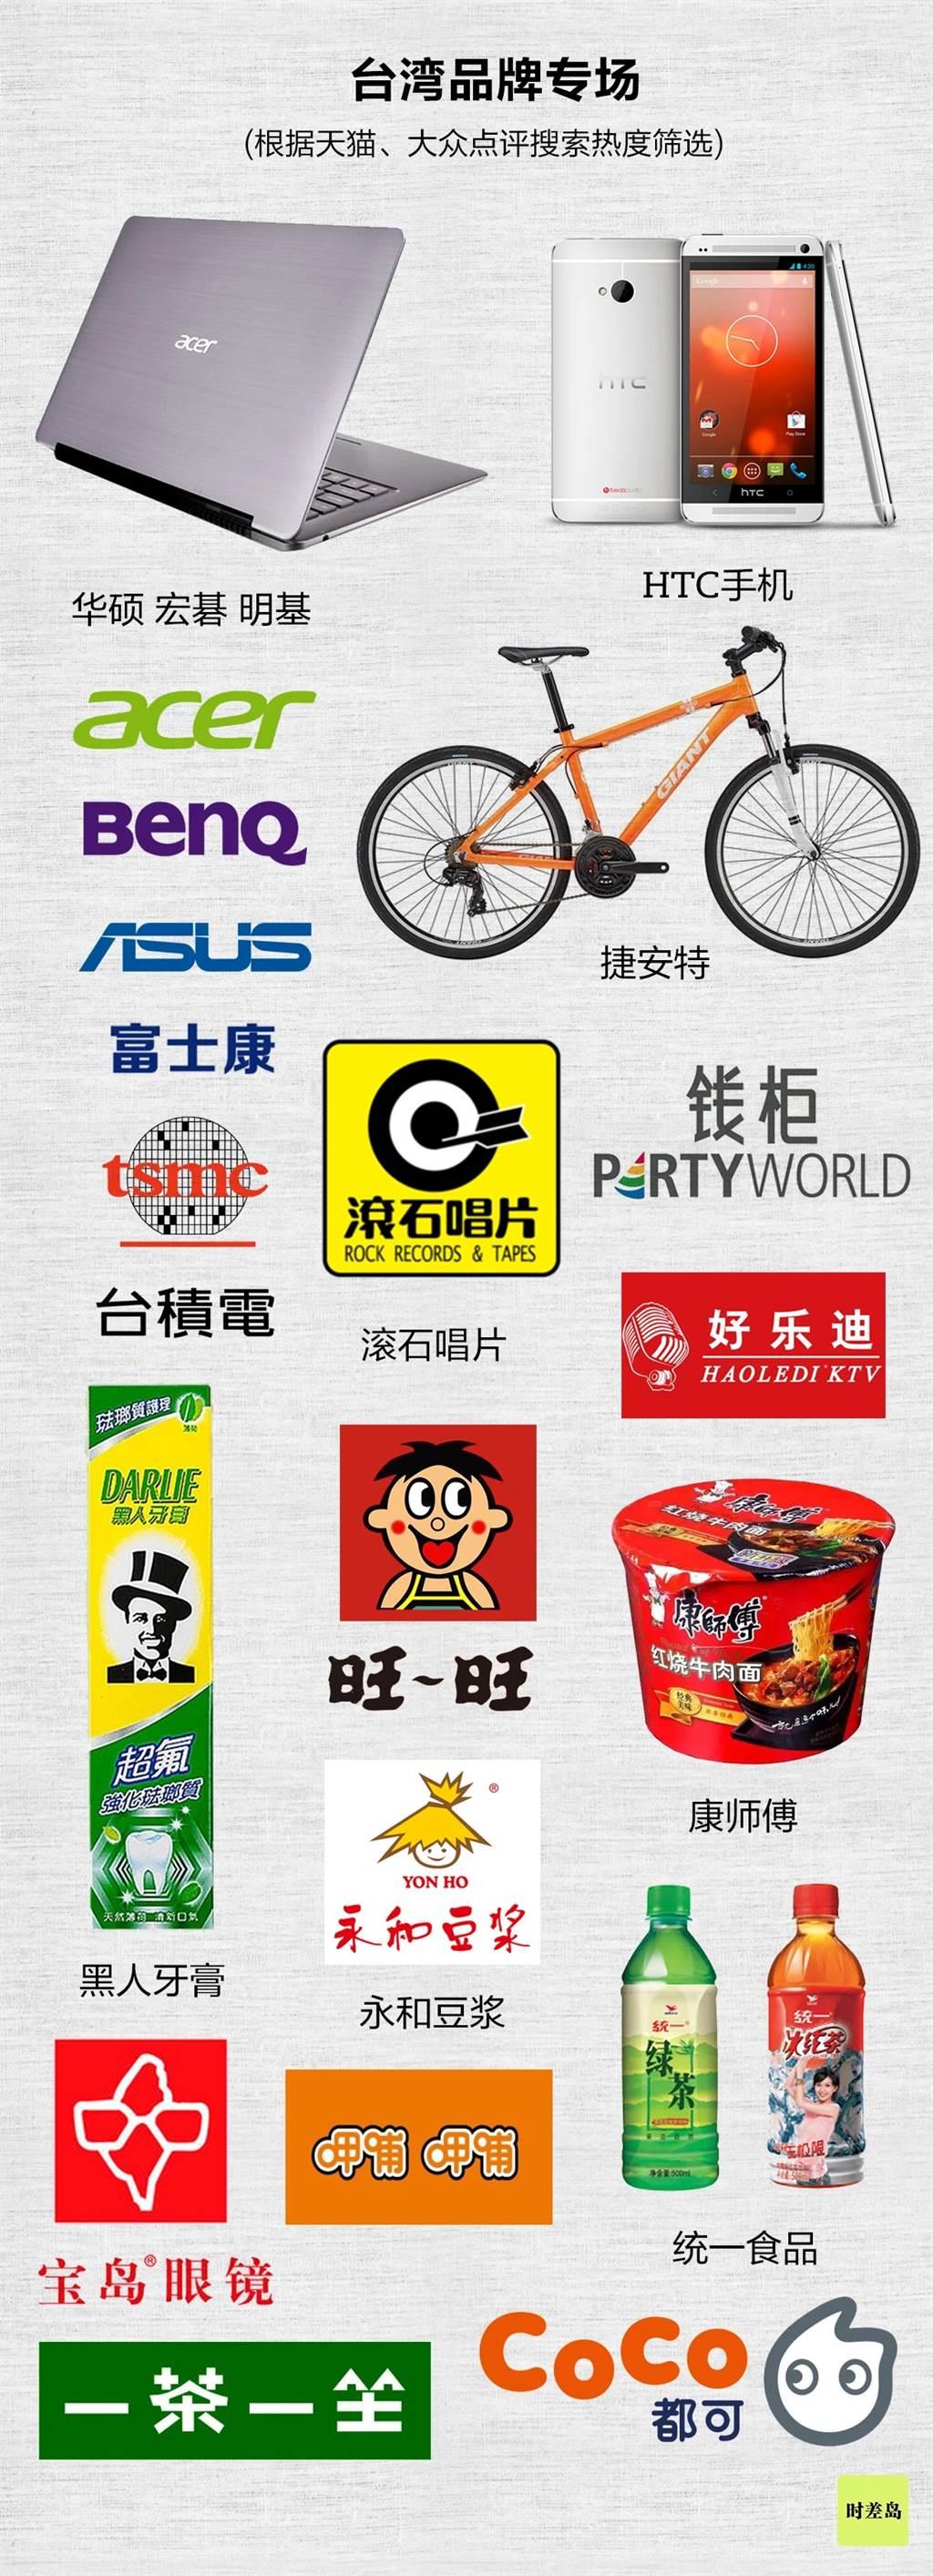 這些大陸人超熟悉的品牌,其實都是Made in Taiwan(製圖:時差島)